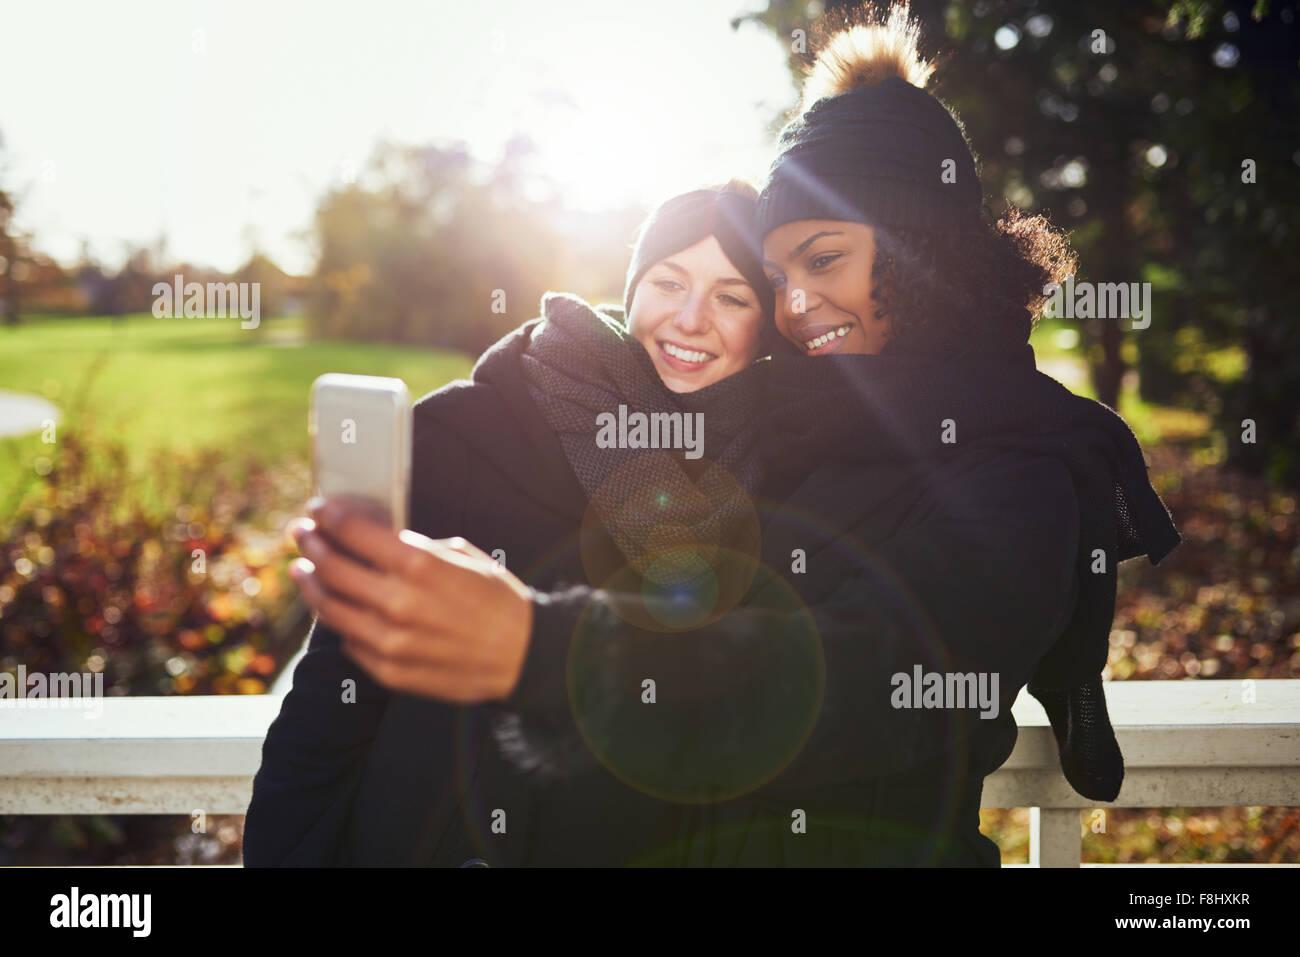 Sorridente due giovani donne tenendo selfie contro di parco autunnali Immagini Stock